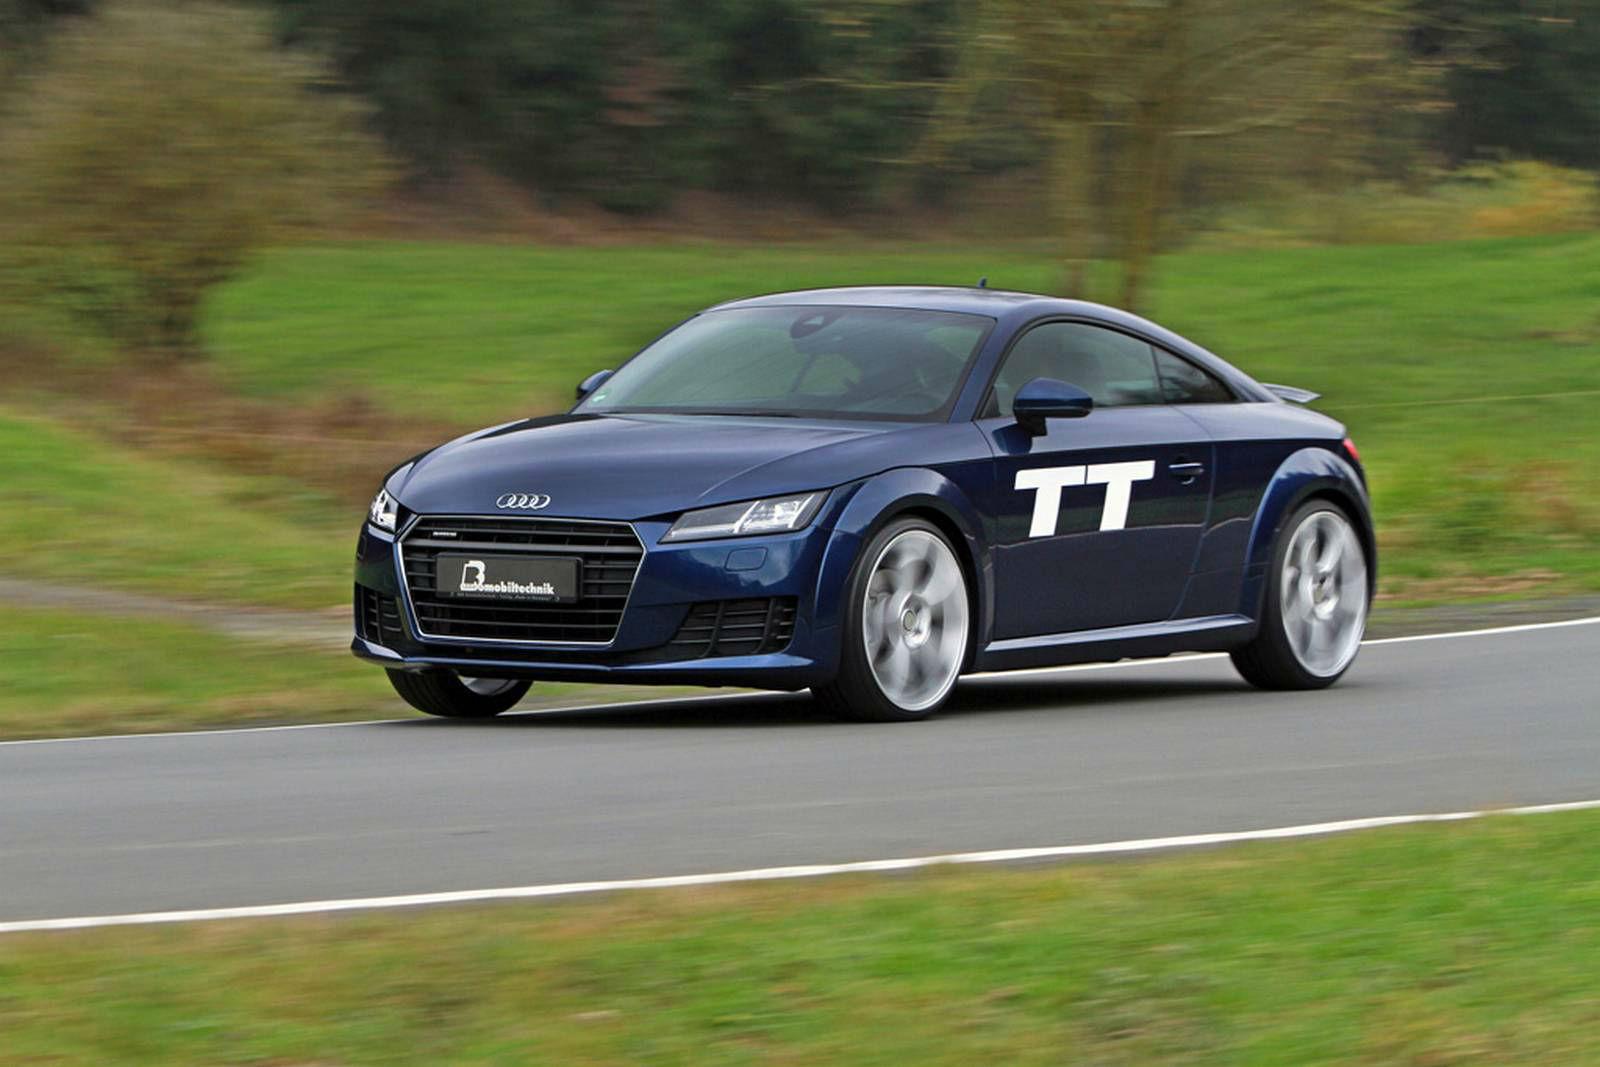 Audi TT B&B 1